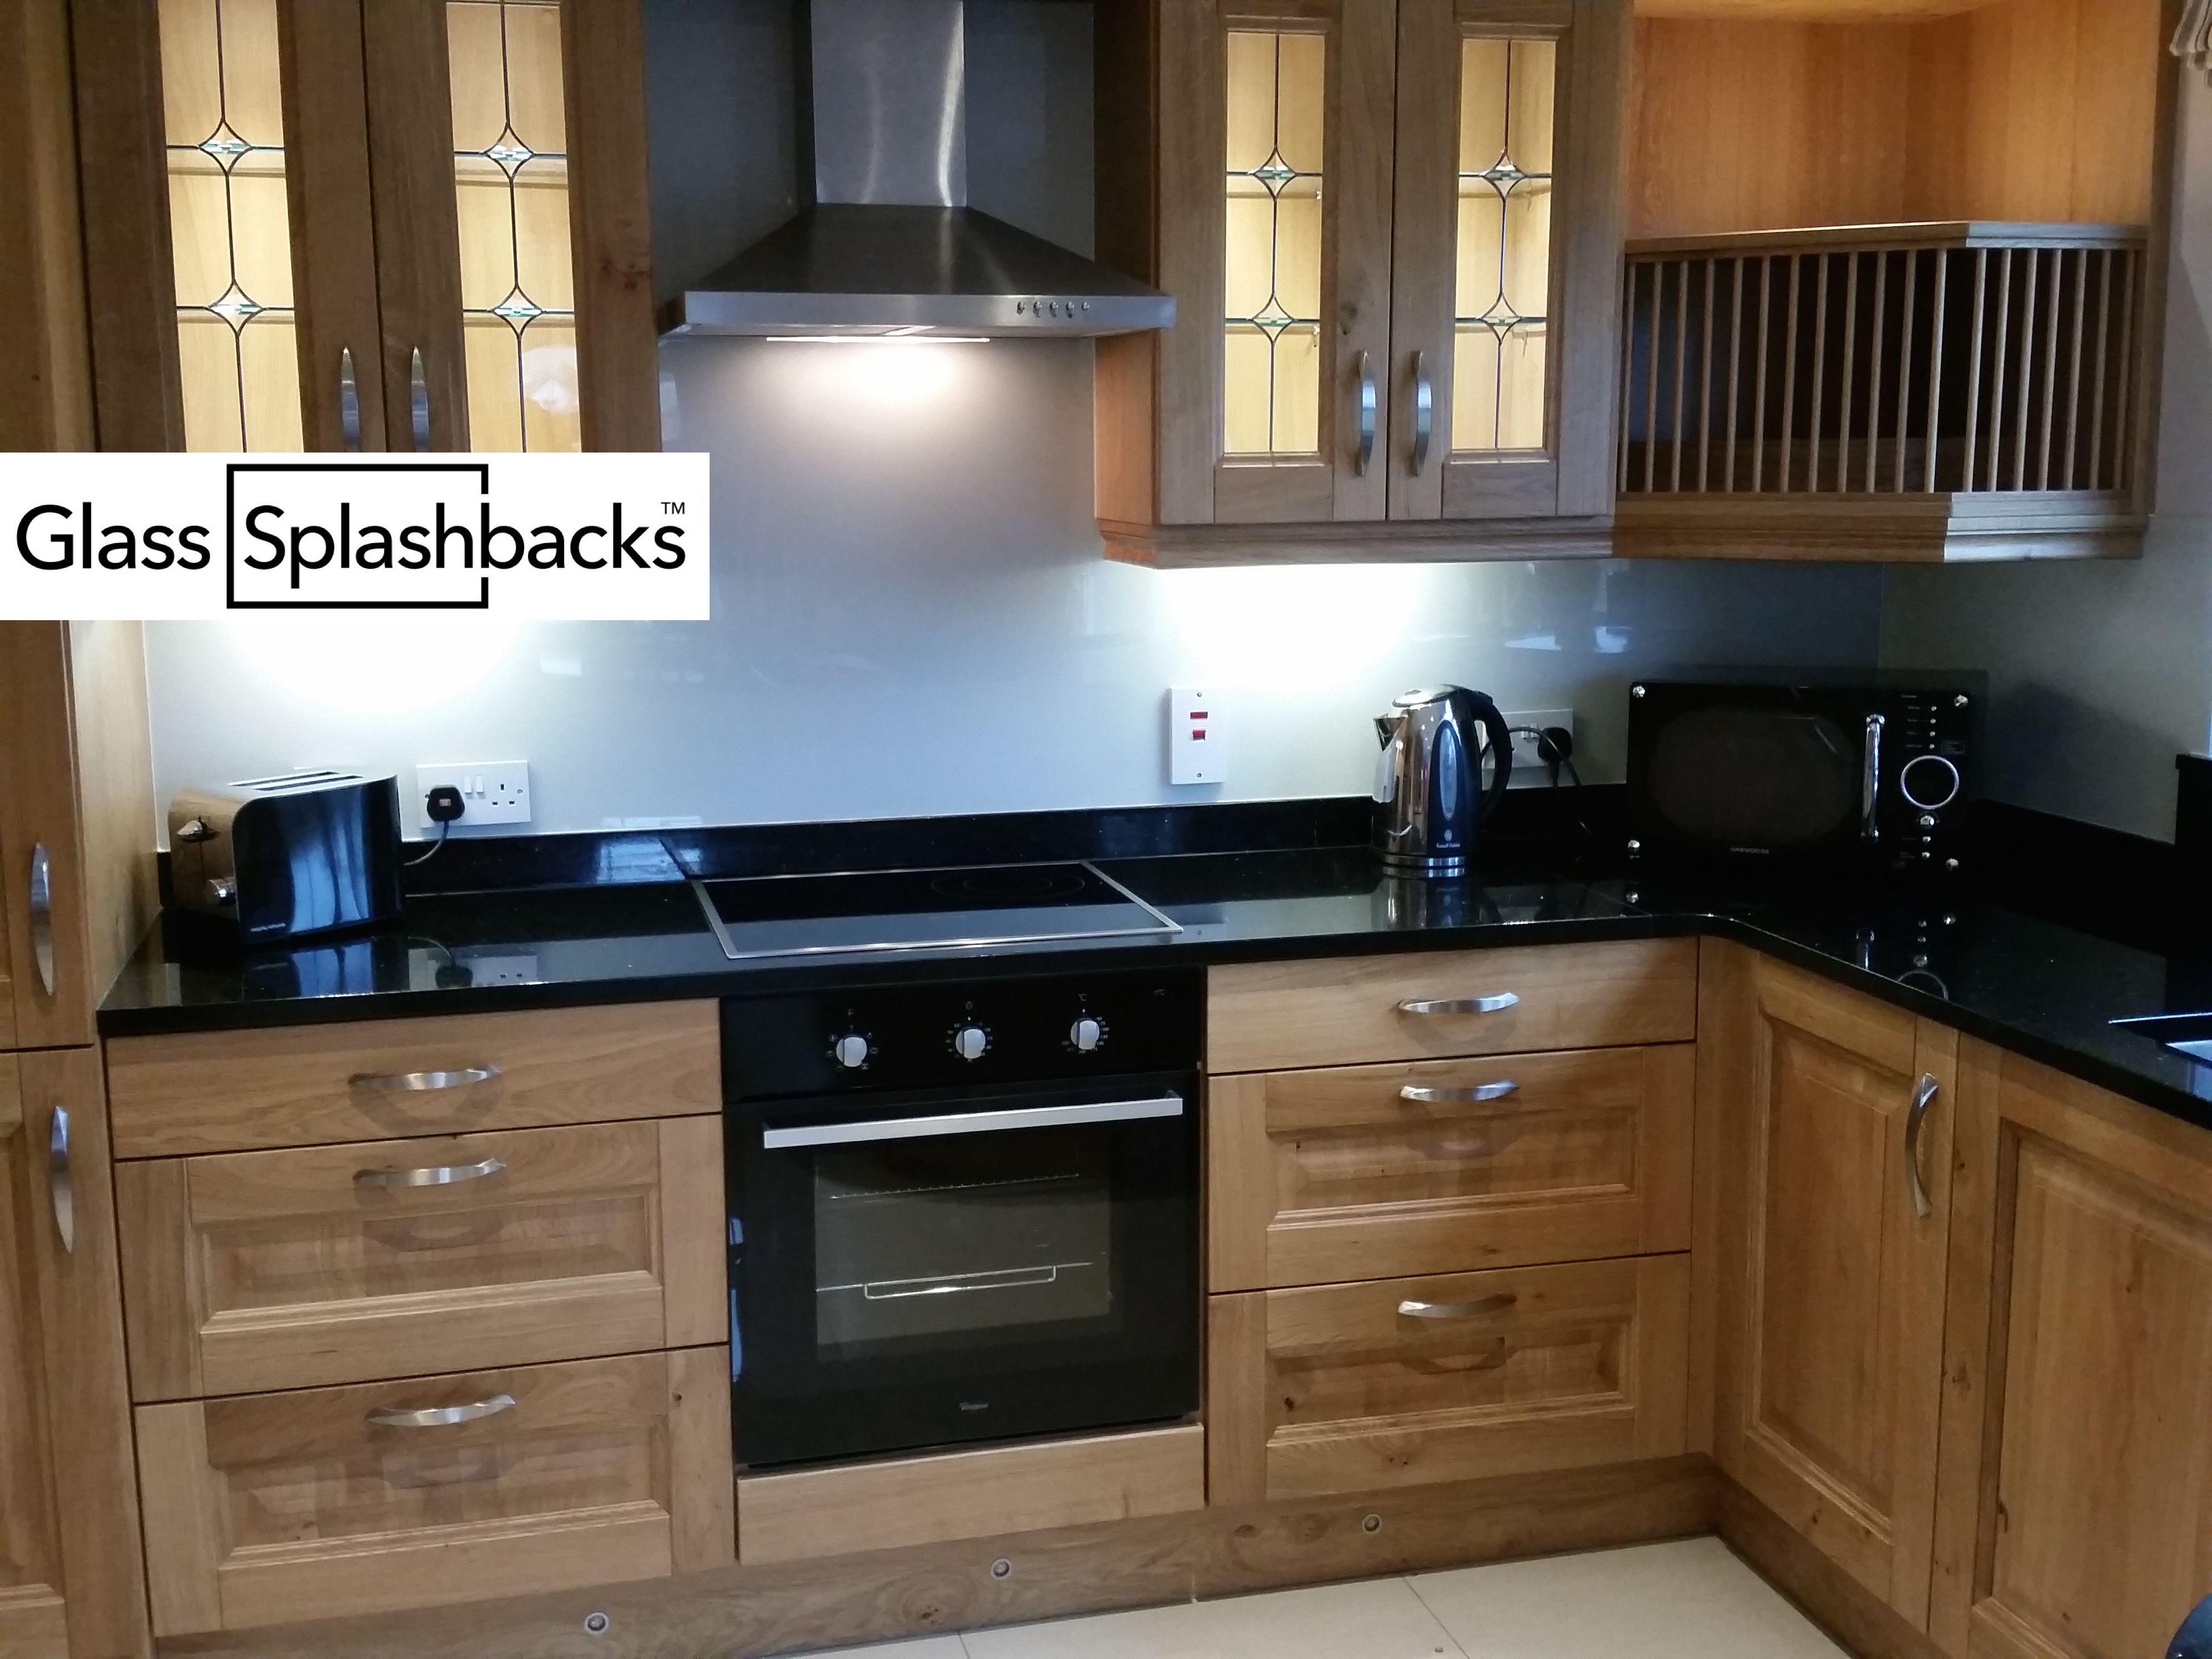 Modern Kitchen Splashbacks pale blue glass splashback. glass splashbacks are not reserved for